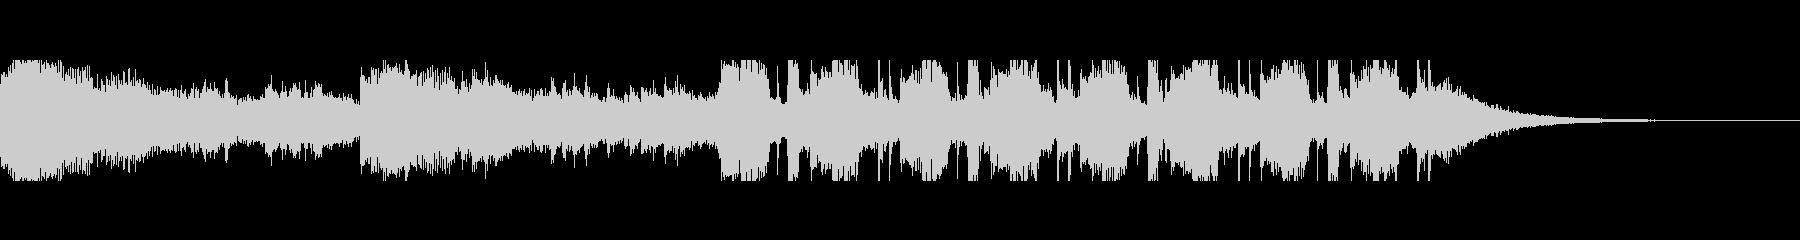 中東砂漠(30秒)の未再生の波形